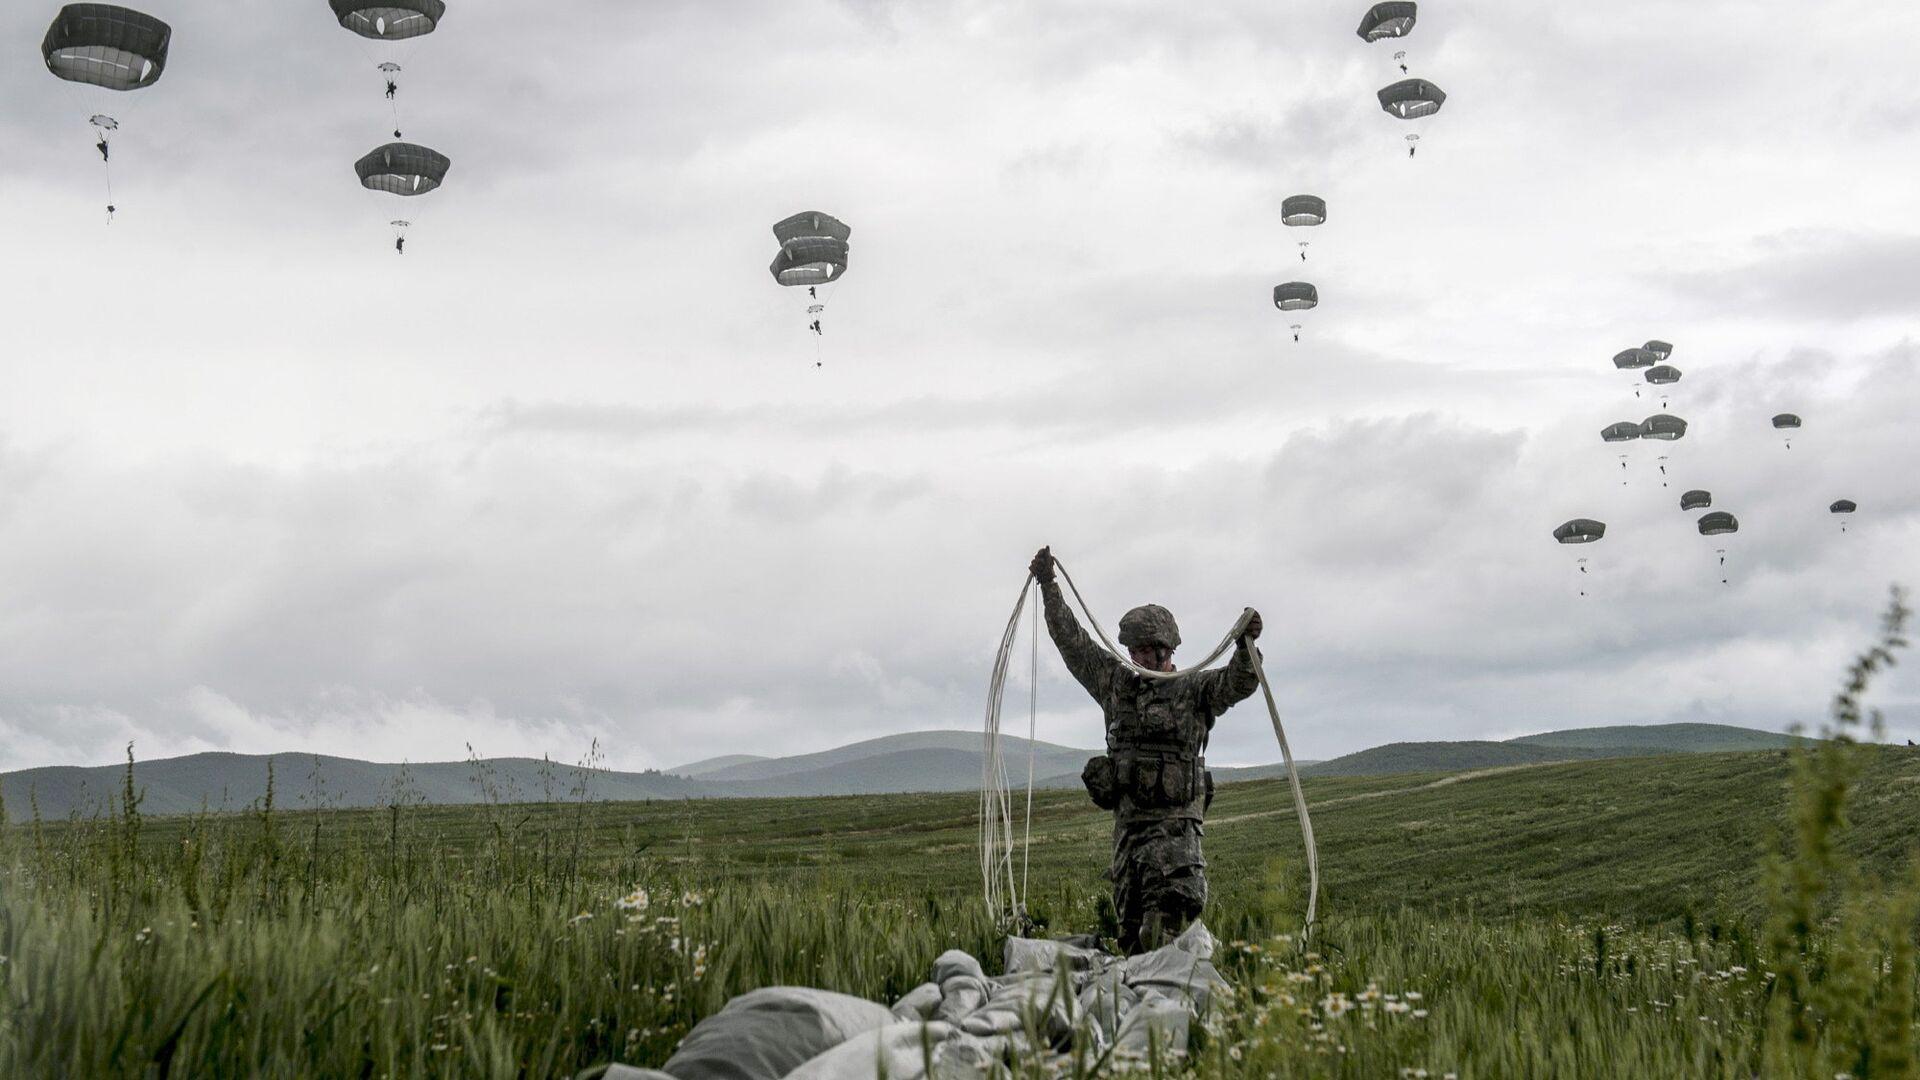 Российские ученые предложили метод борьбы с американским десантом